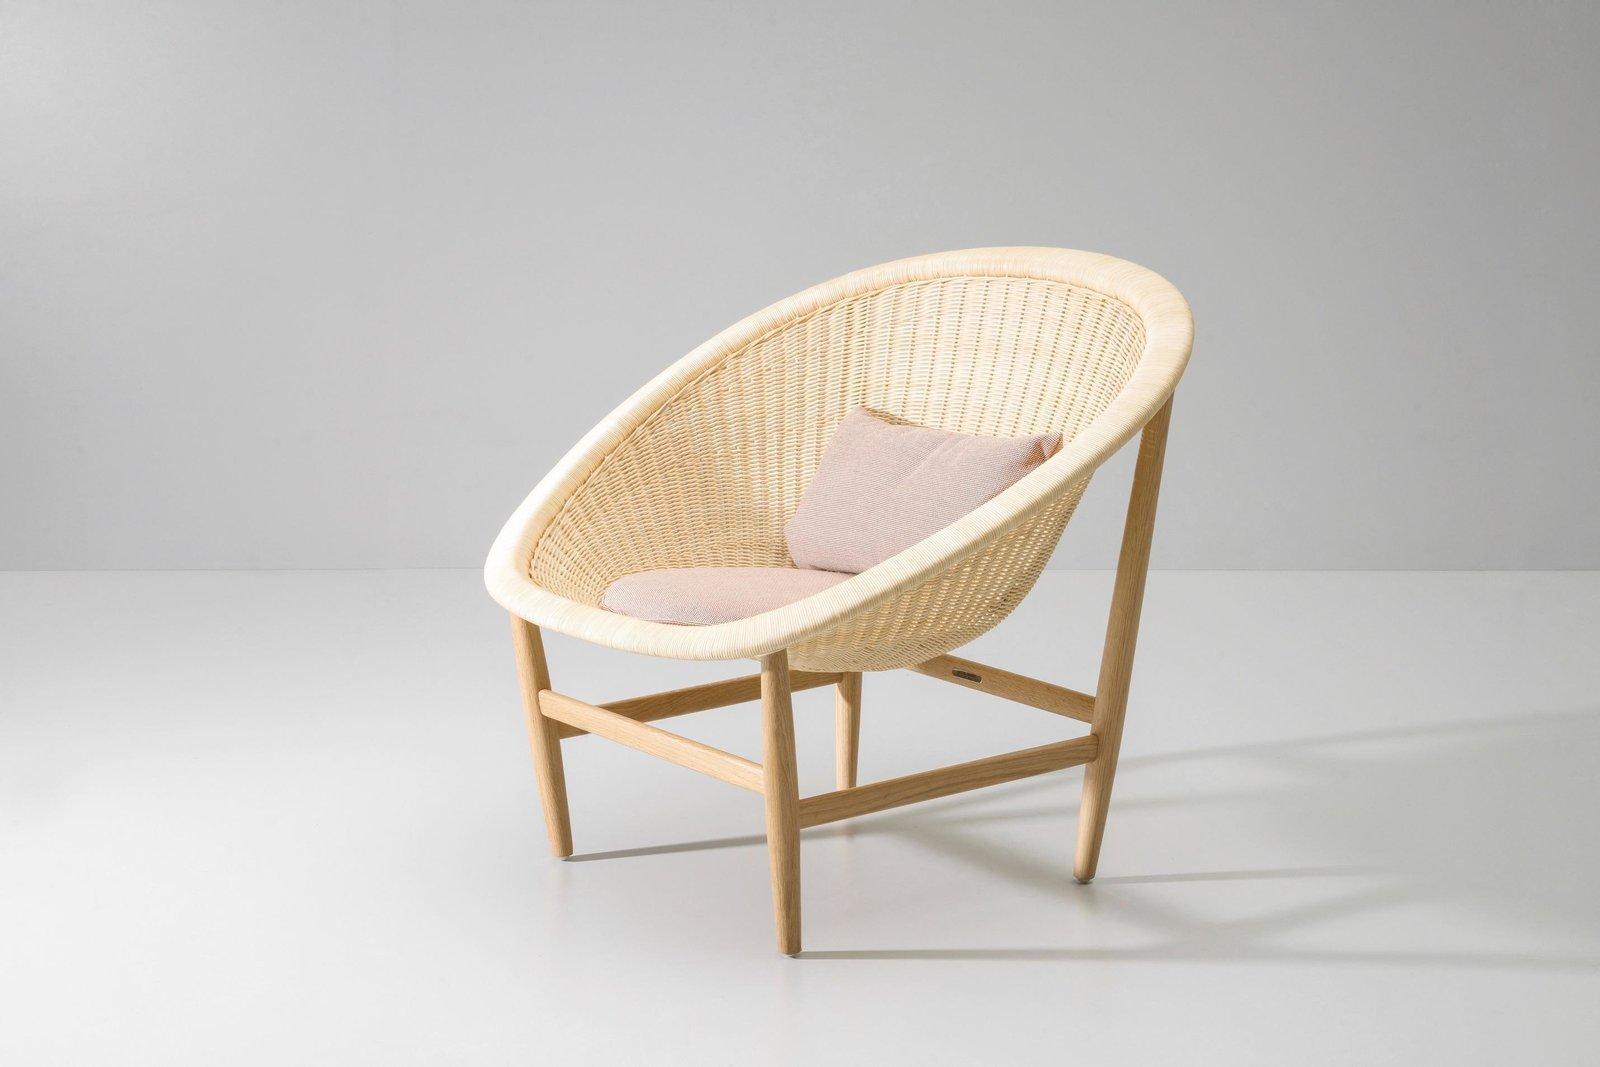 chair legler interior basket stapelbar johanna schultz wohnen gian kopie franco von b produkt